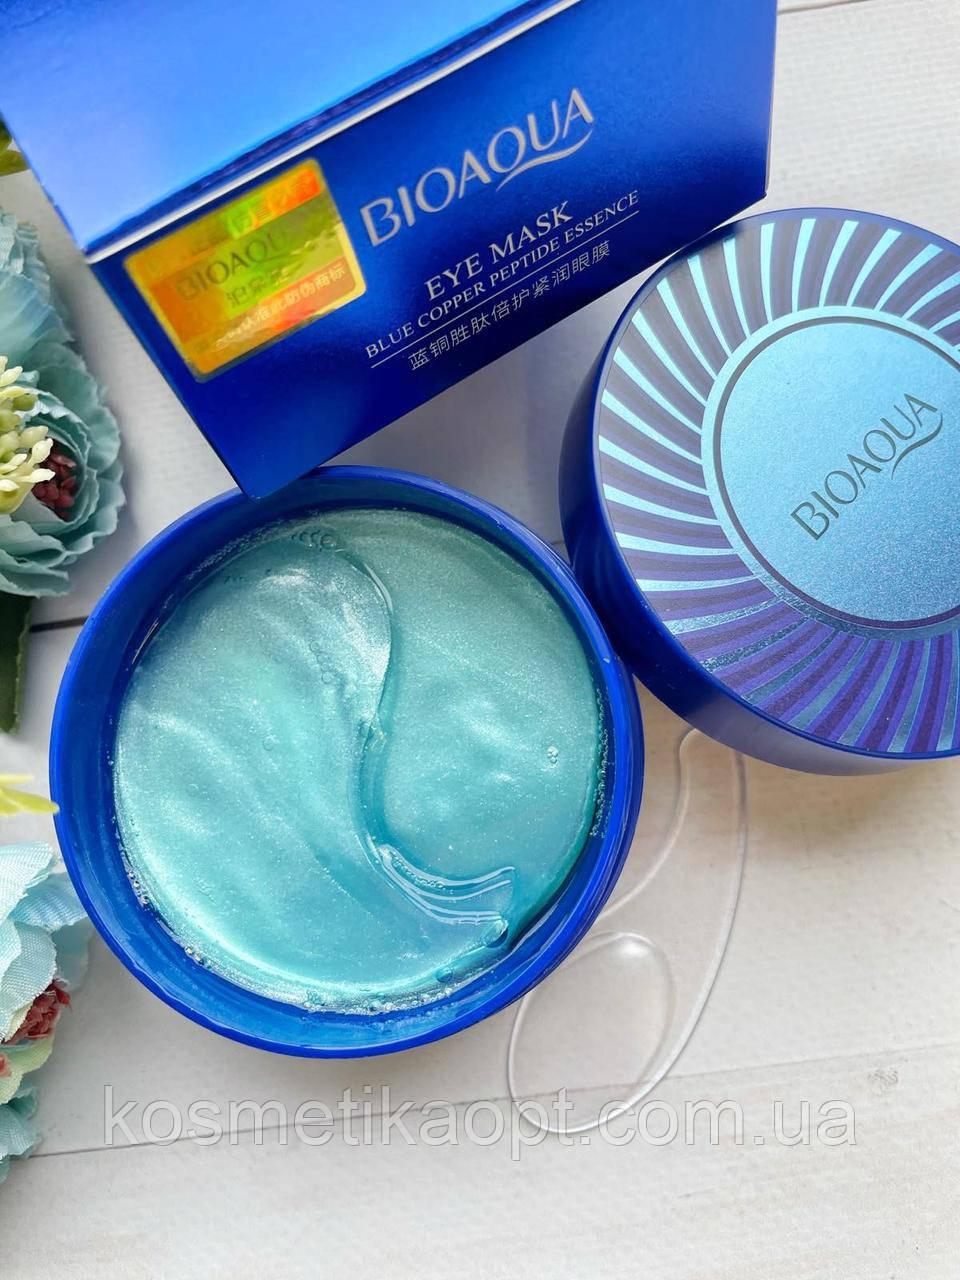 Гидрогелевые патчи для глаз с пептидами Bioaqua Blue Copper Peptide Essence 60 шт.( синие)